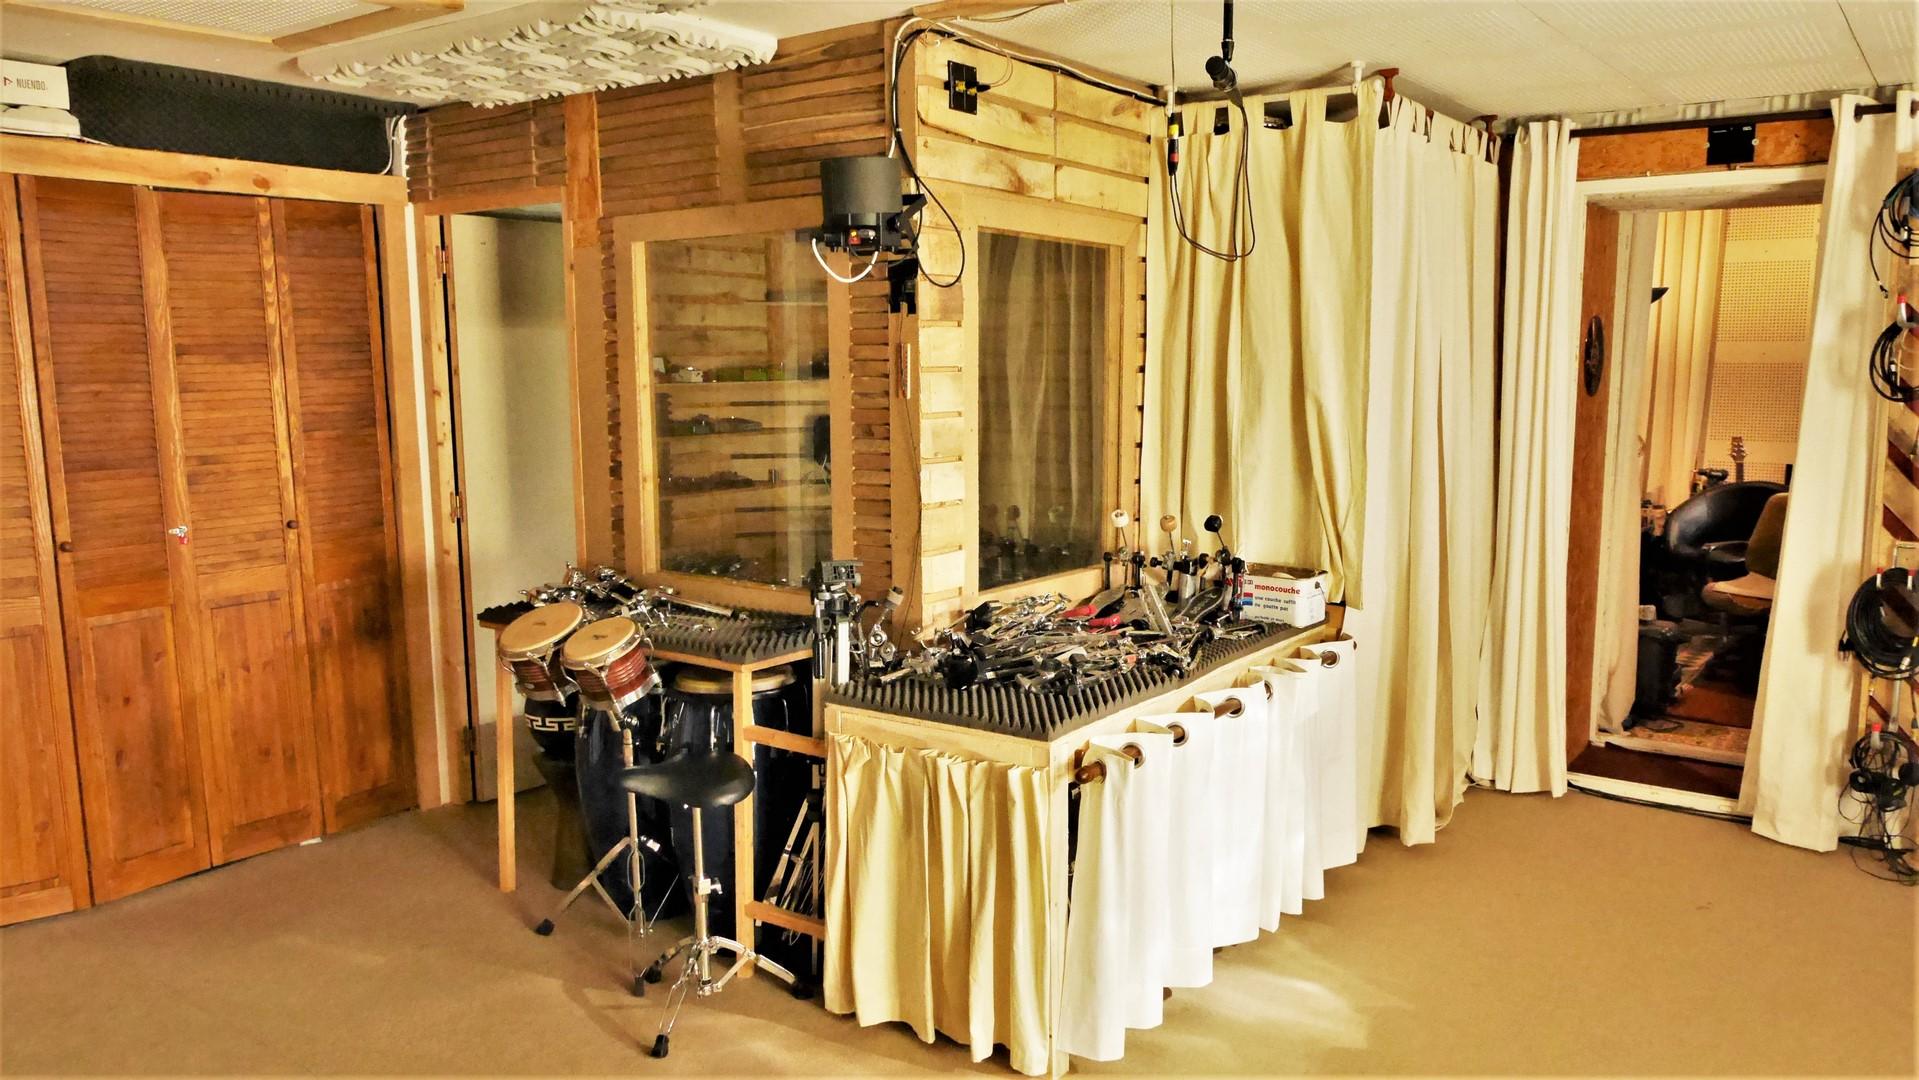 studio-la-boite-a-meuh-septembre-2019-petite-cabine